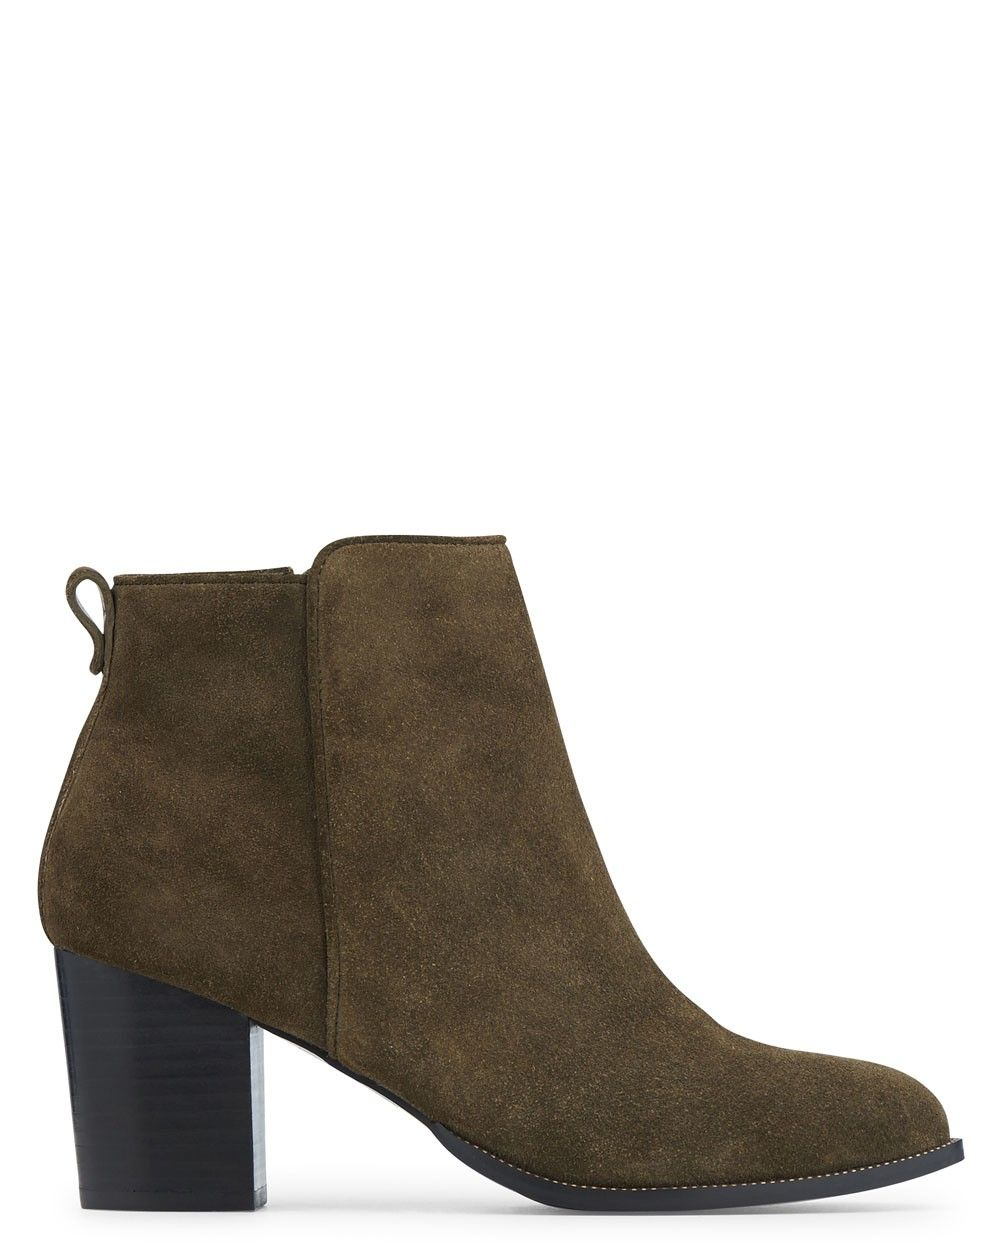 Découvrir en ligne tous les modèles de Boots - Bamba femme de la Collection Minelli de l'année 2016